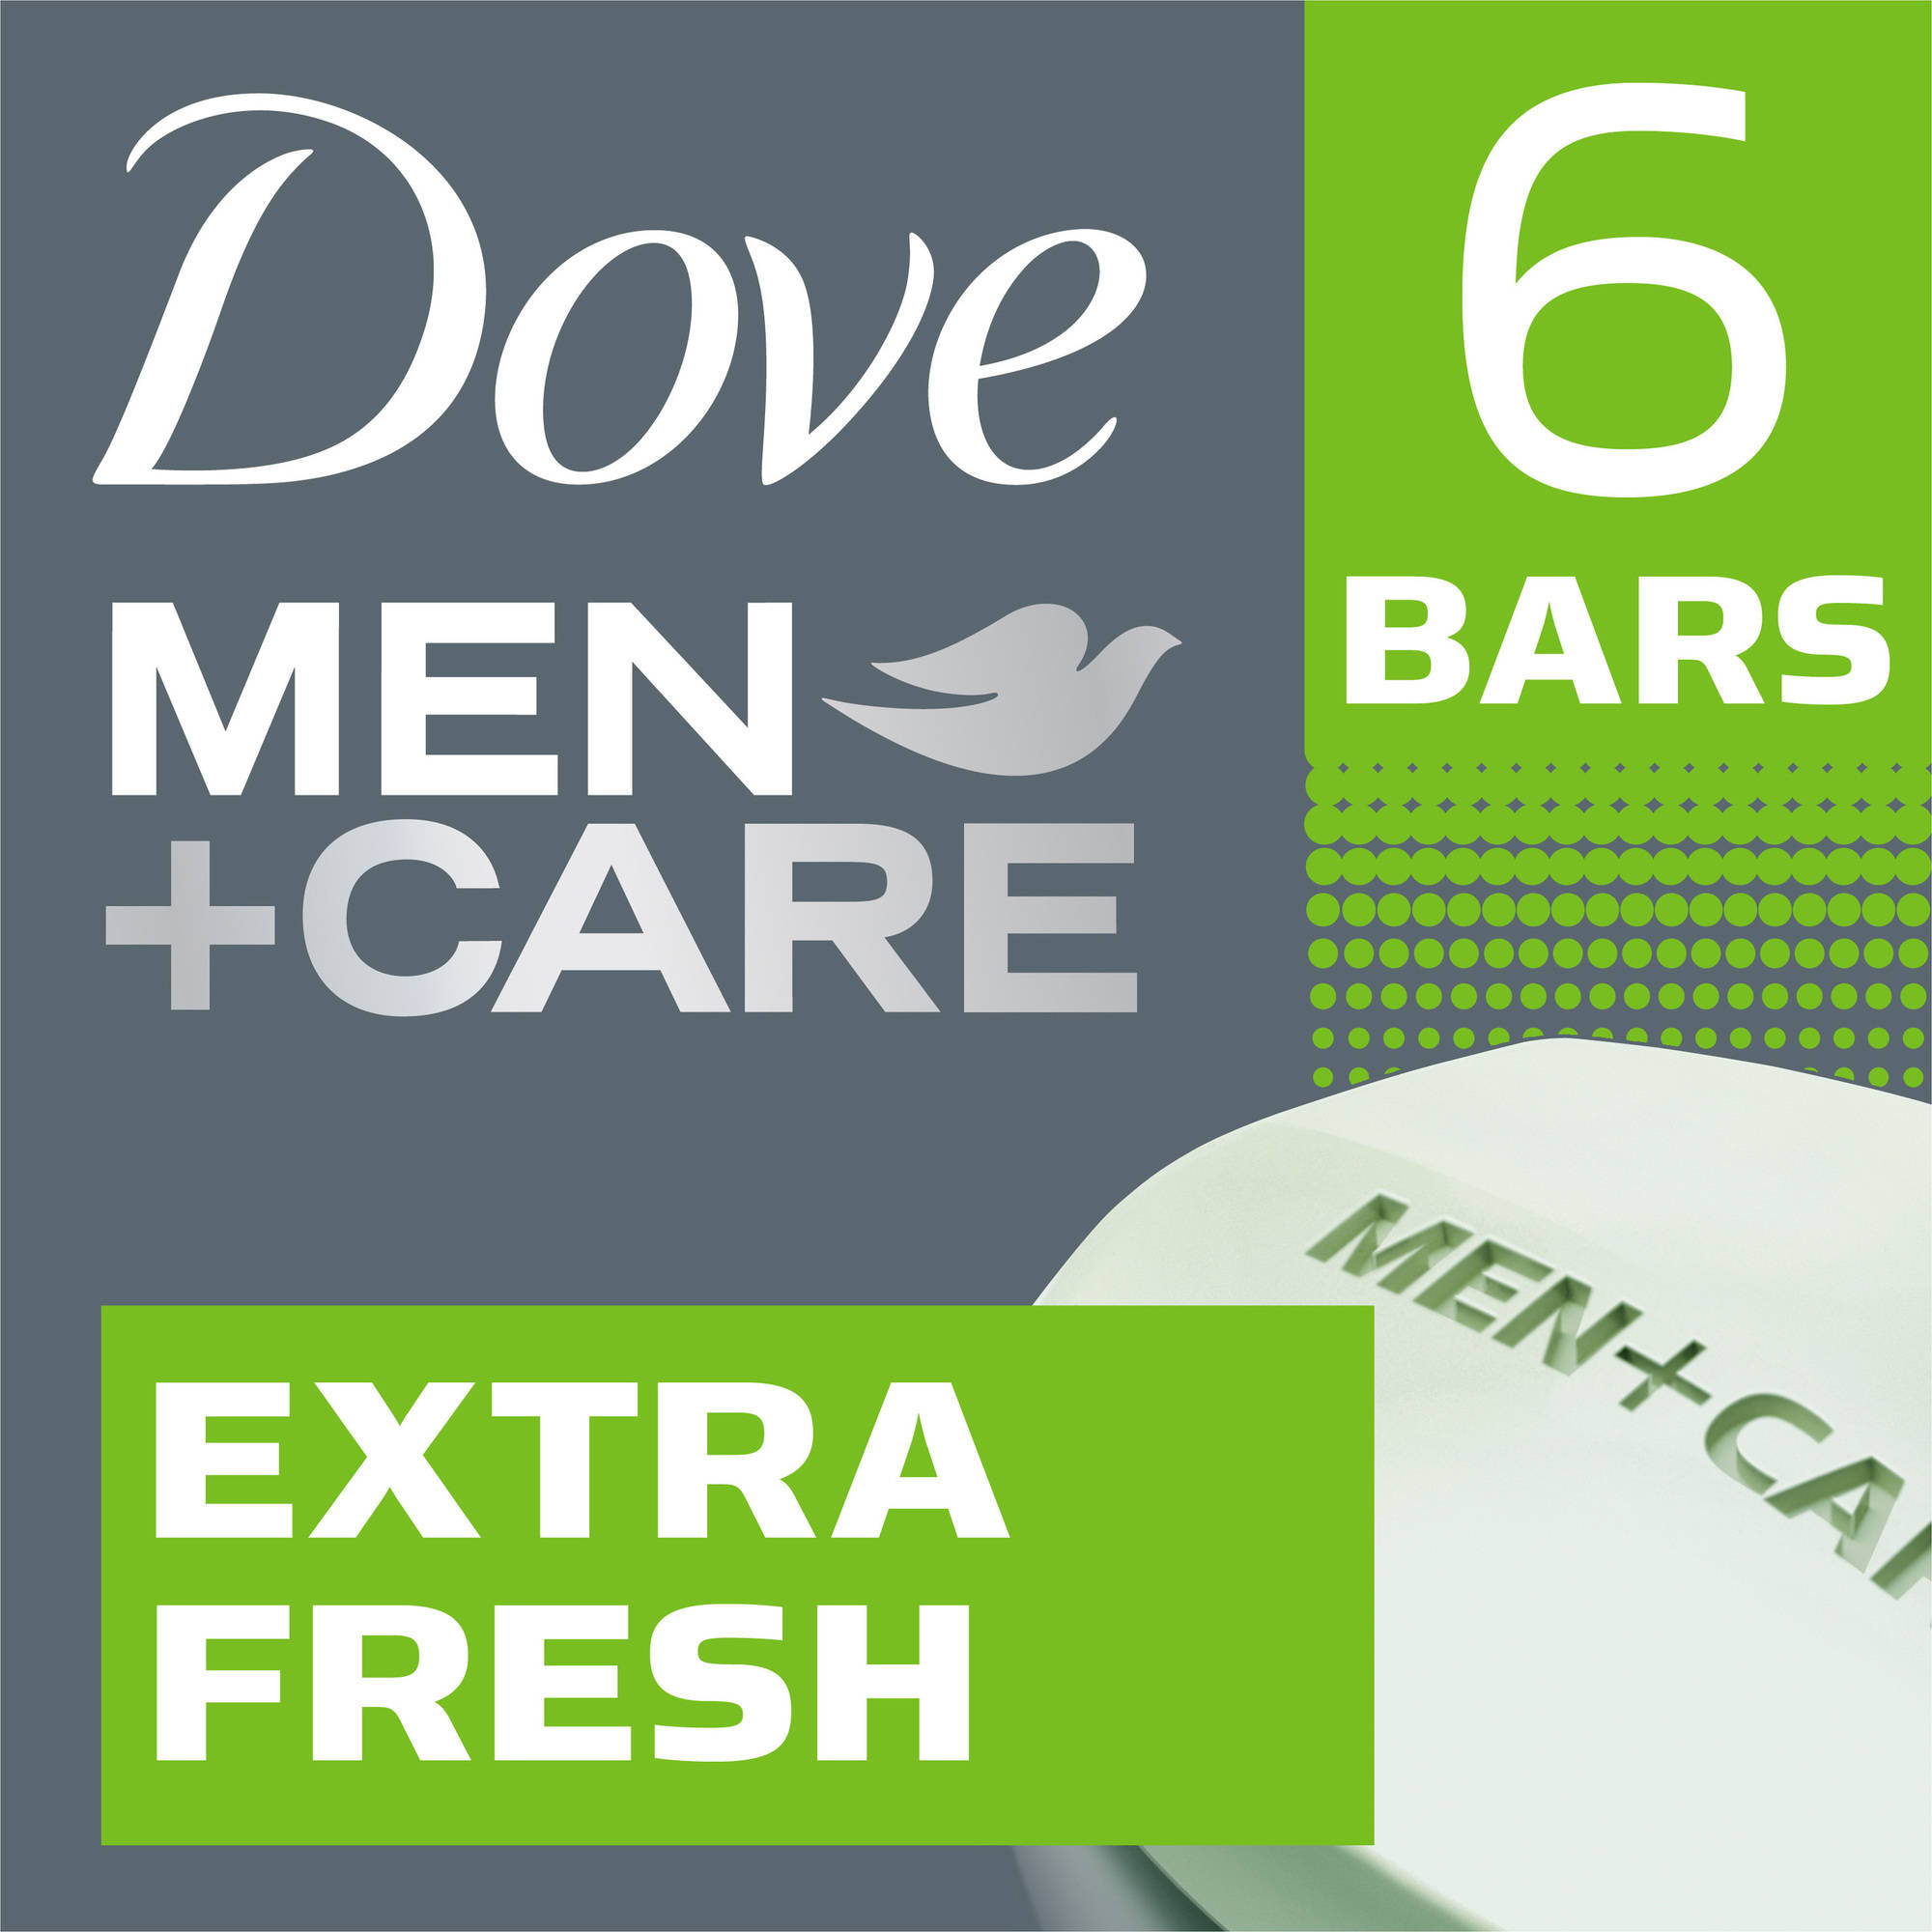 Dove Men+Care Extra Fresh Body and Face Bar, 4 oz, 6 Bar